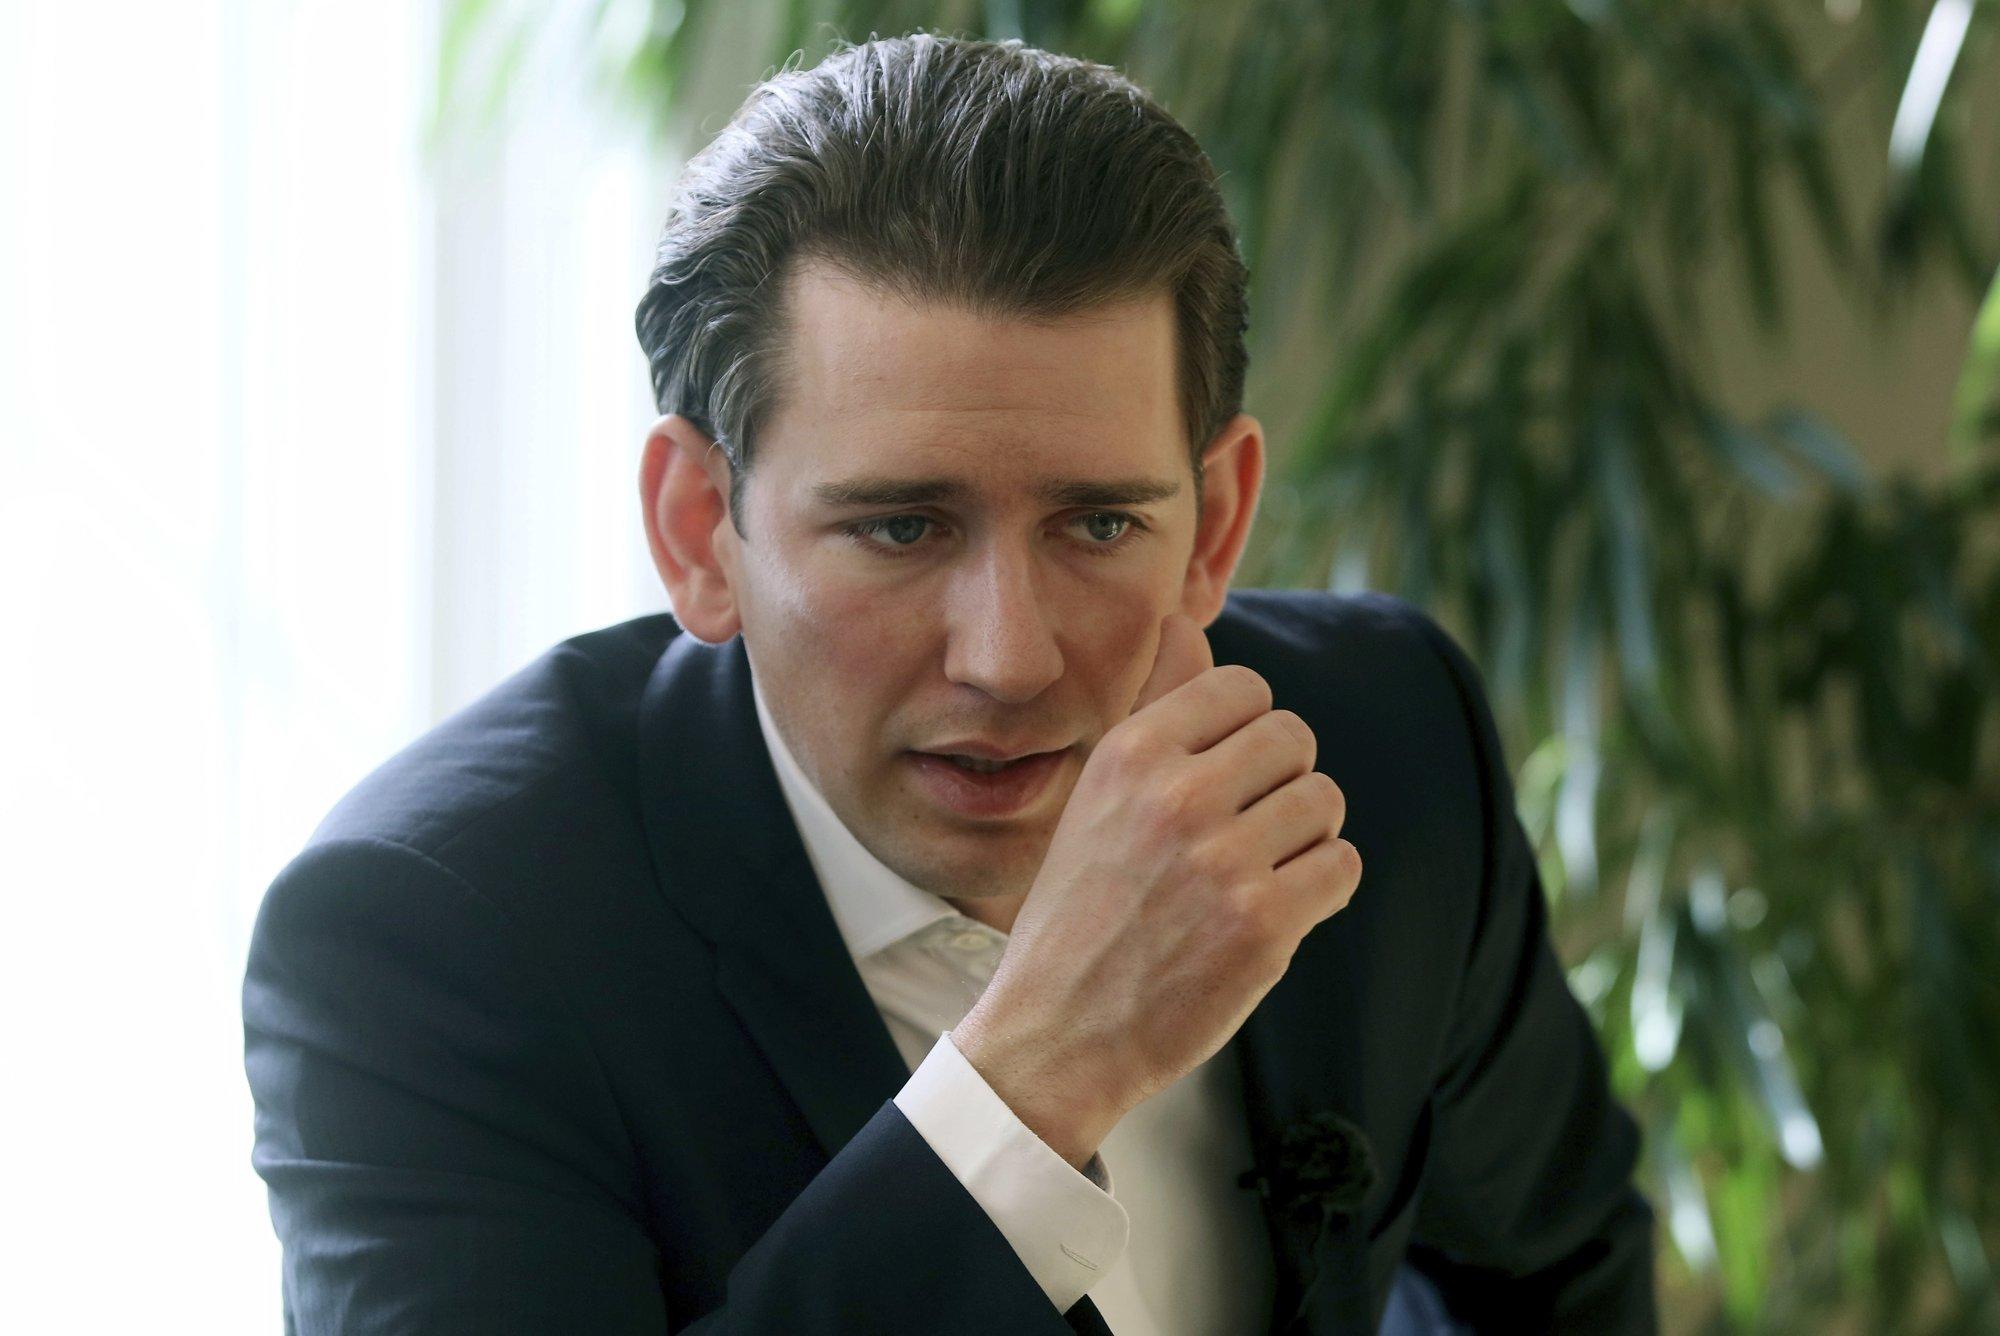 Austrian male